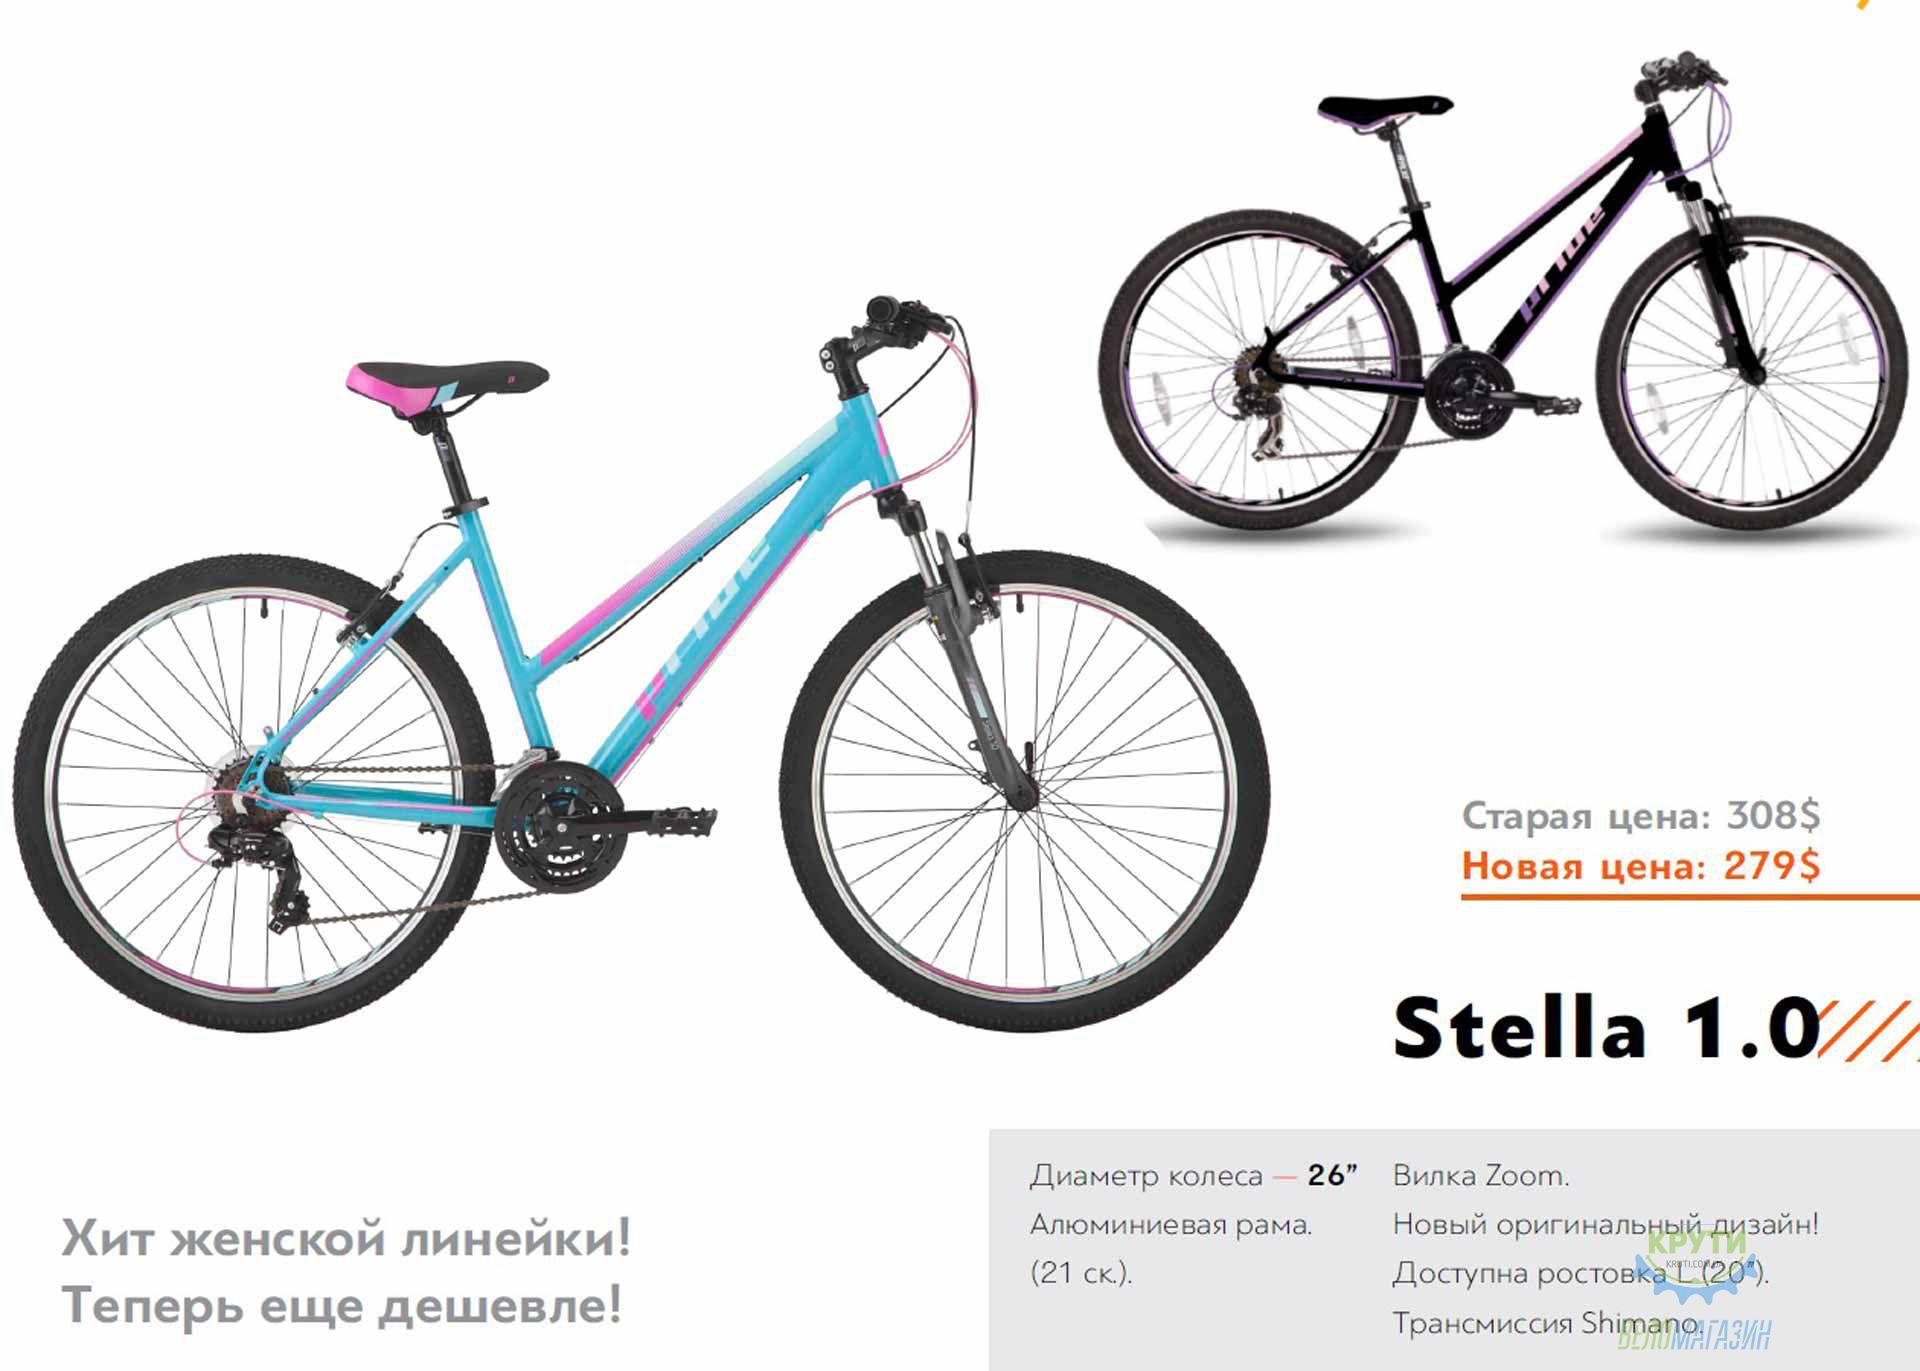 Велосипед 26 Pride Stella 1.0 рама - 16 черный/розовый/сиреневый 2017